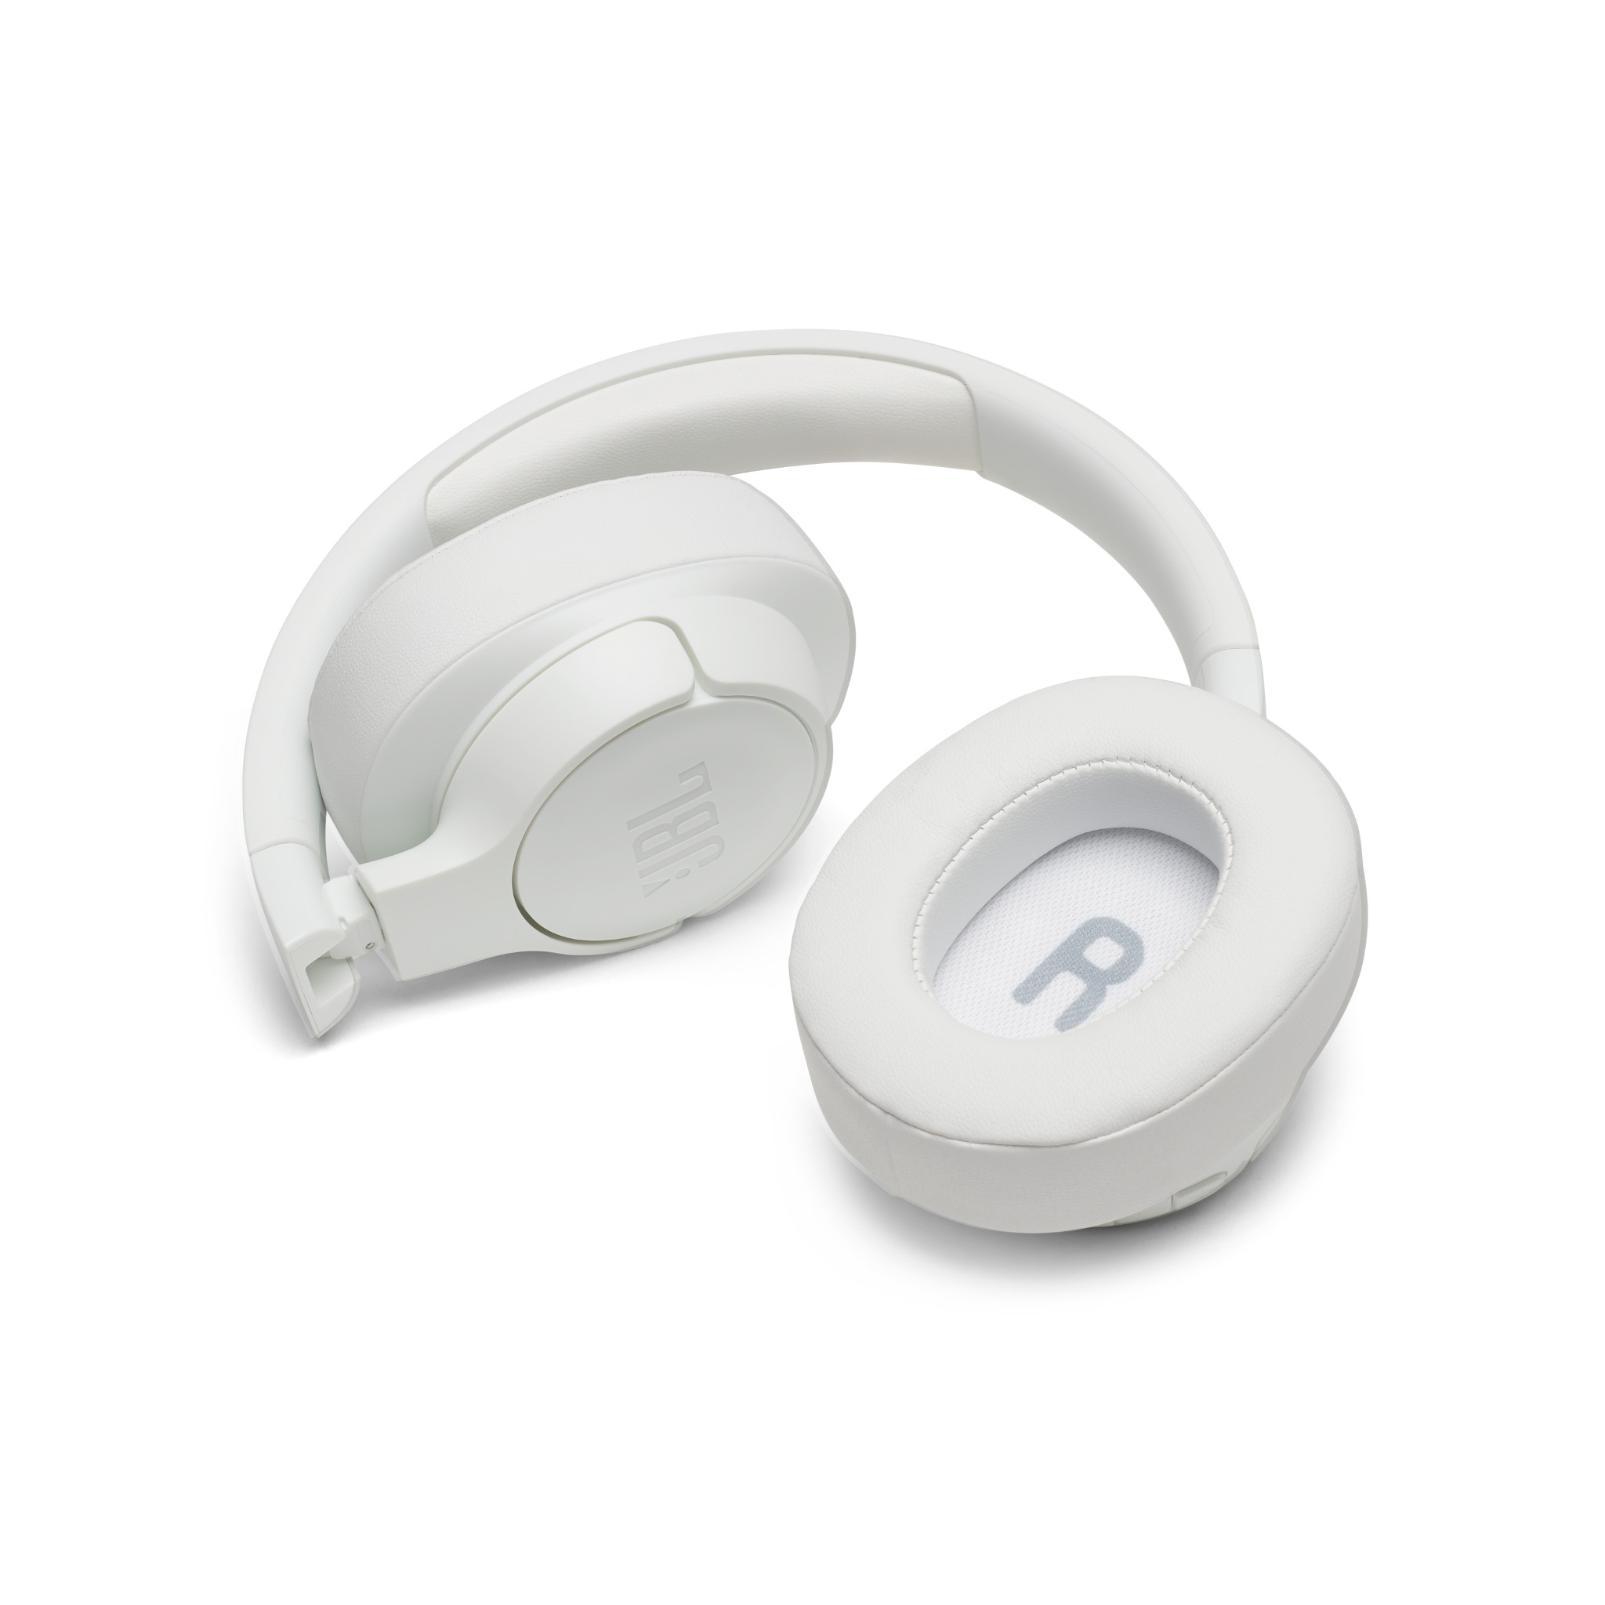 JBL TUNE 750BTNC - White - Wireless Over-Ear ANC Headphones - Detailshot 5